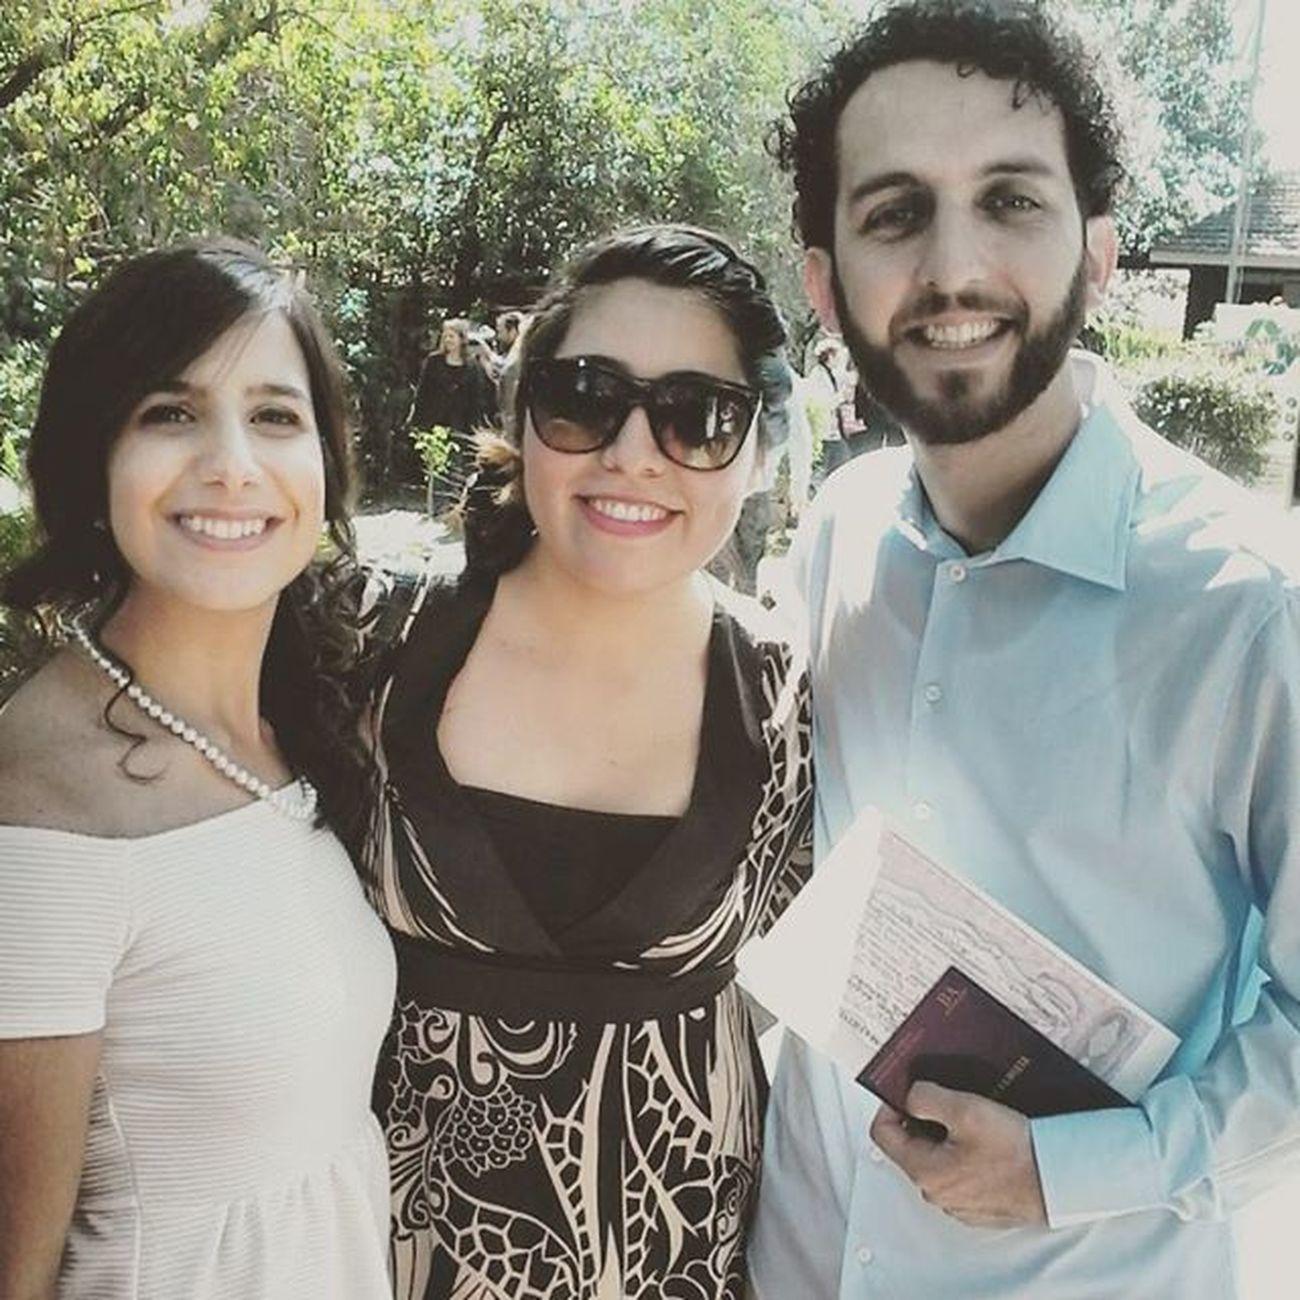 Felicitacioneeees chicos ya pasamos el civil Undiadelaboda Daniela & Joel tan tan tantan jiiiji Dios los bendigaaaaa